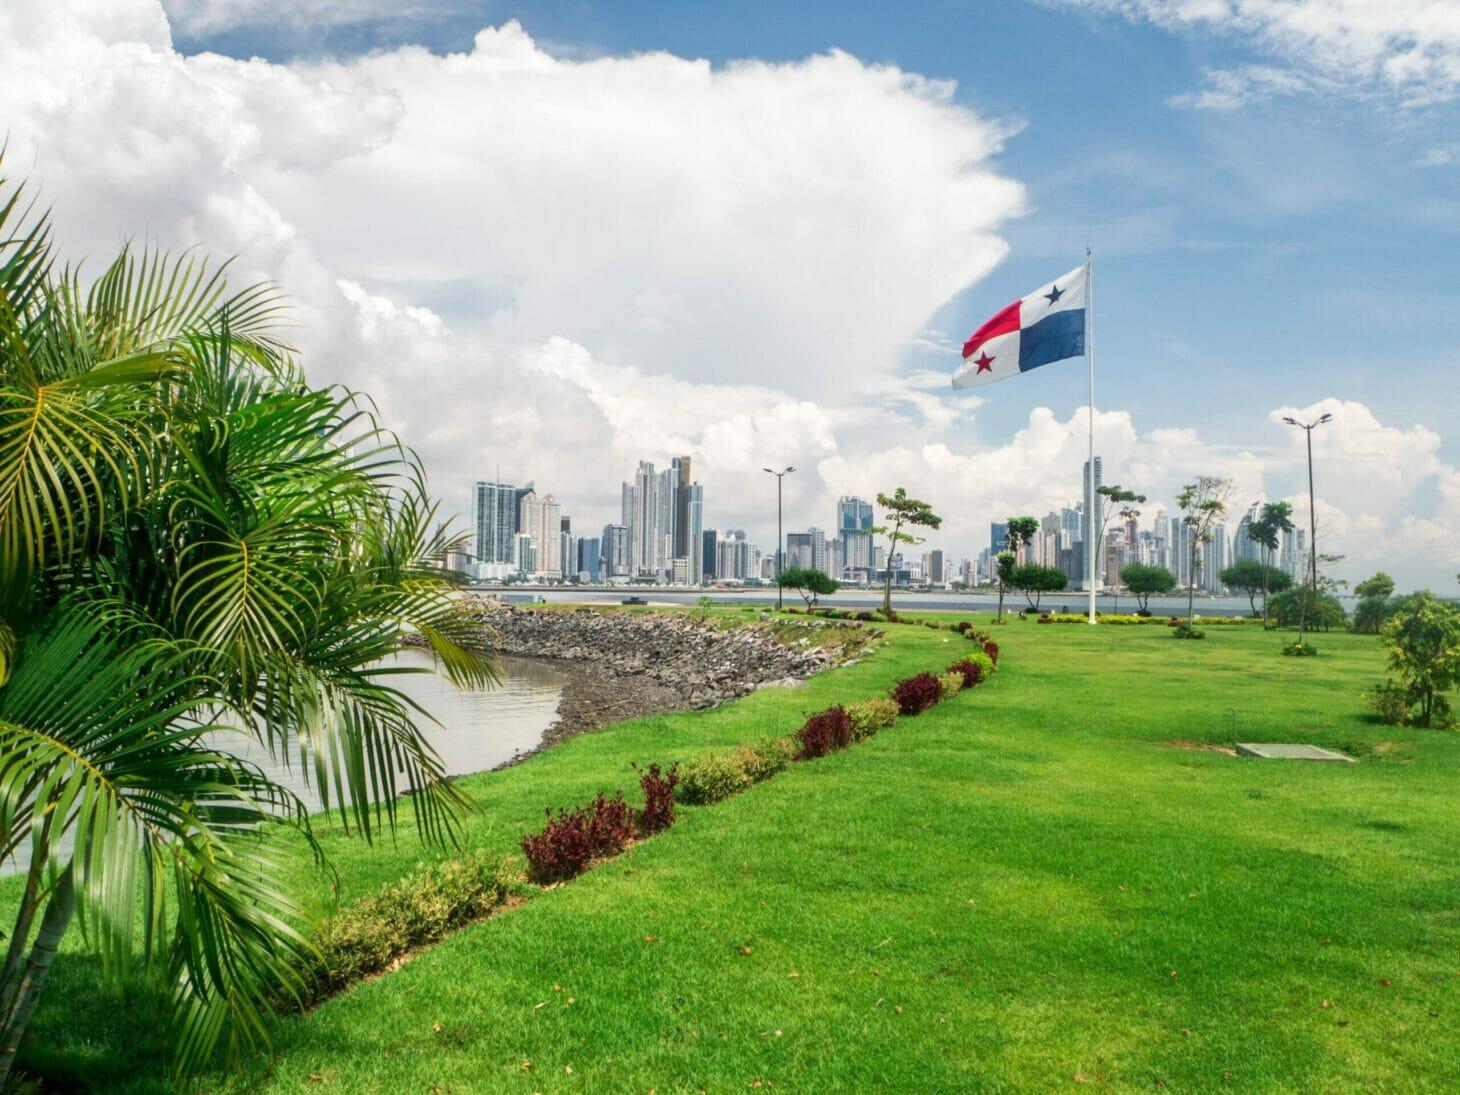 Panama flag at a park